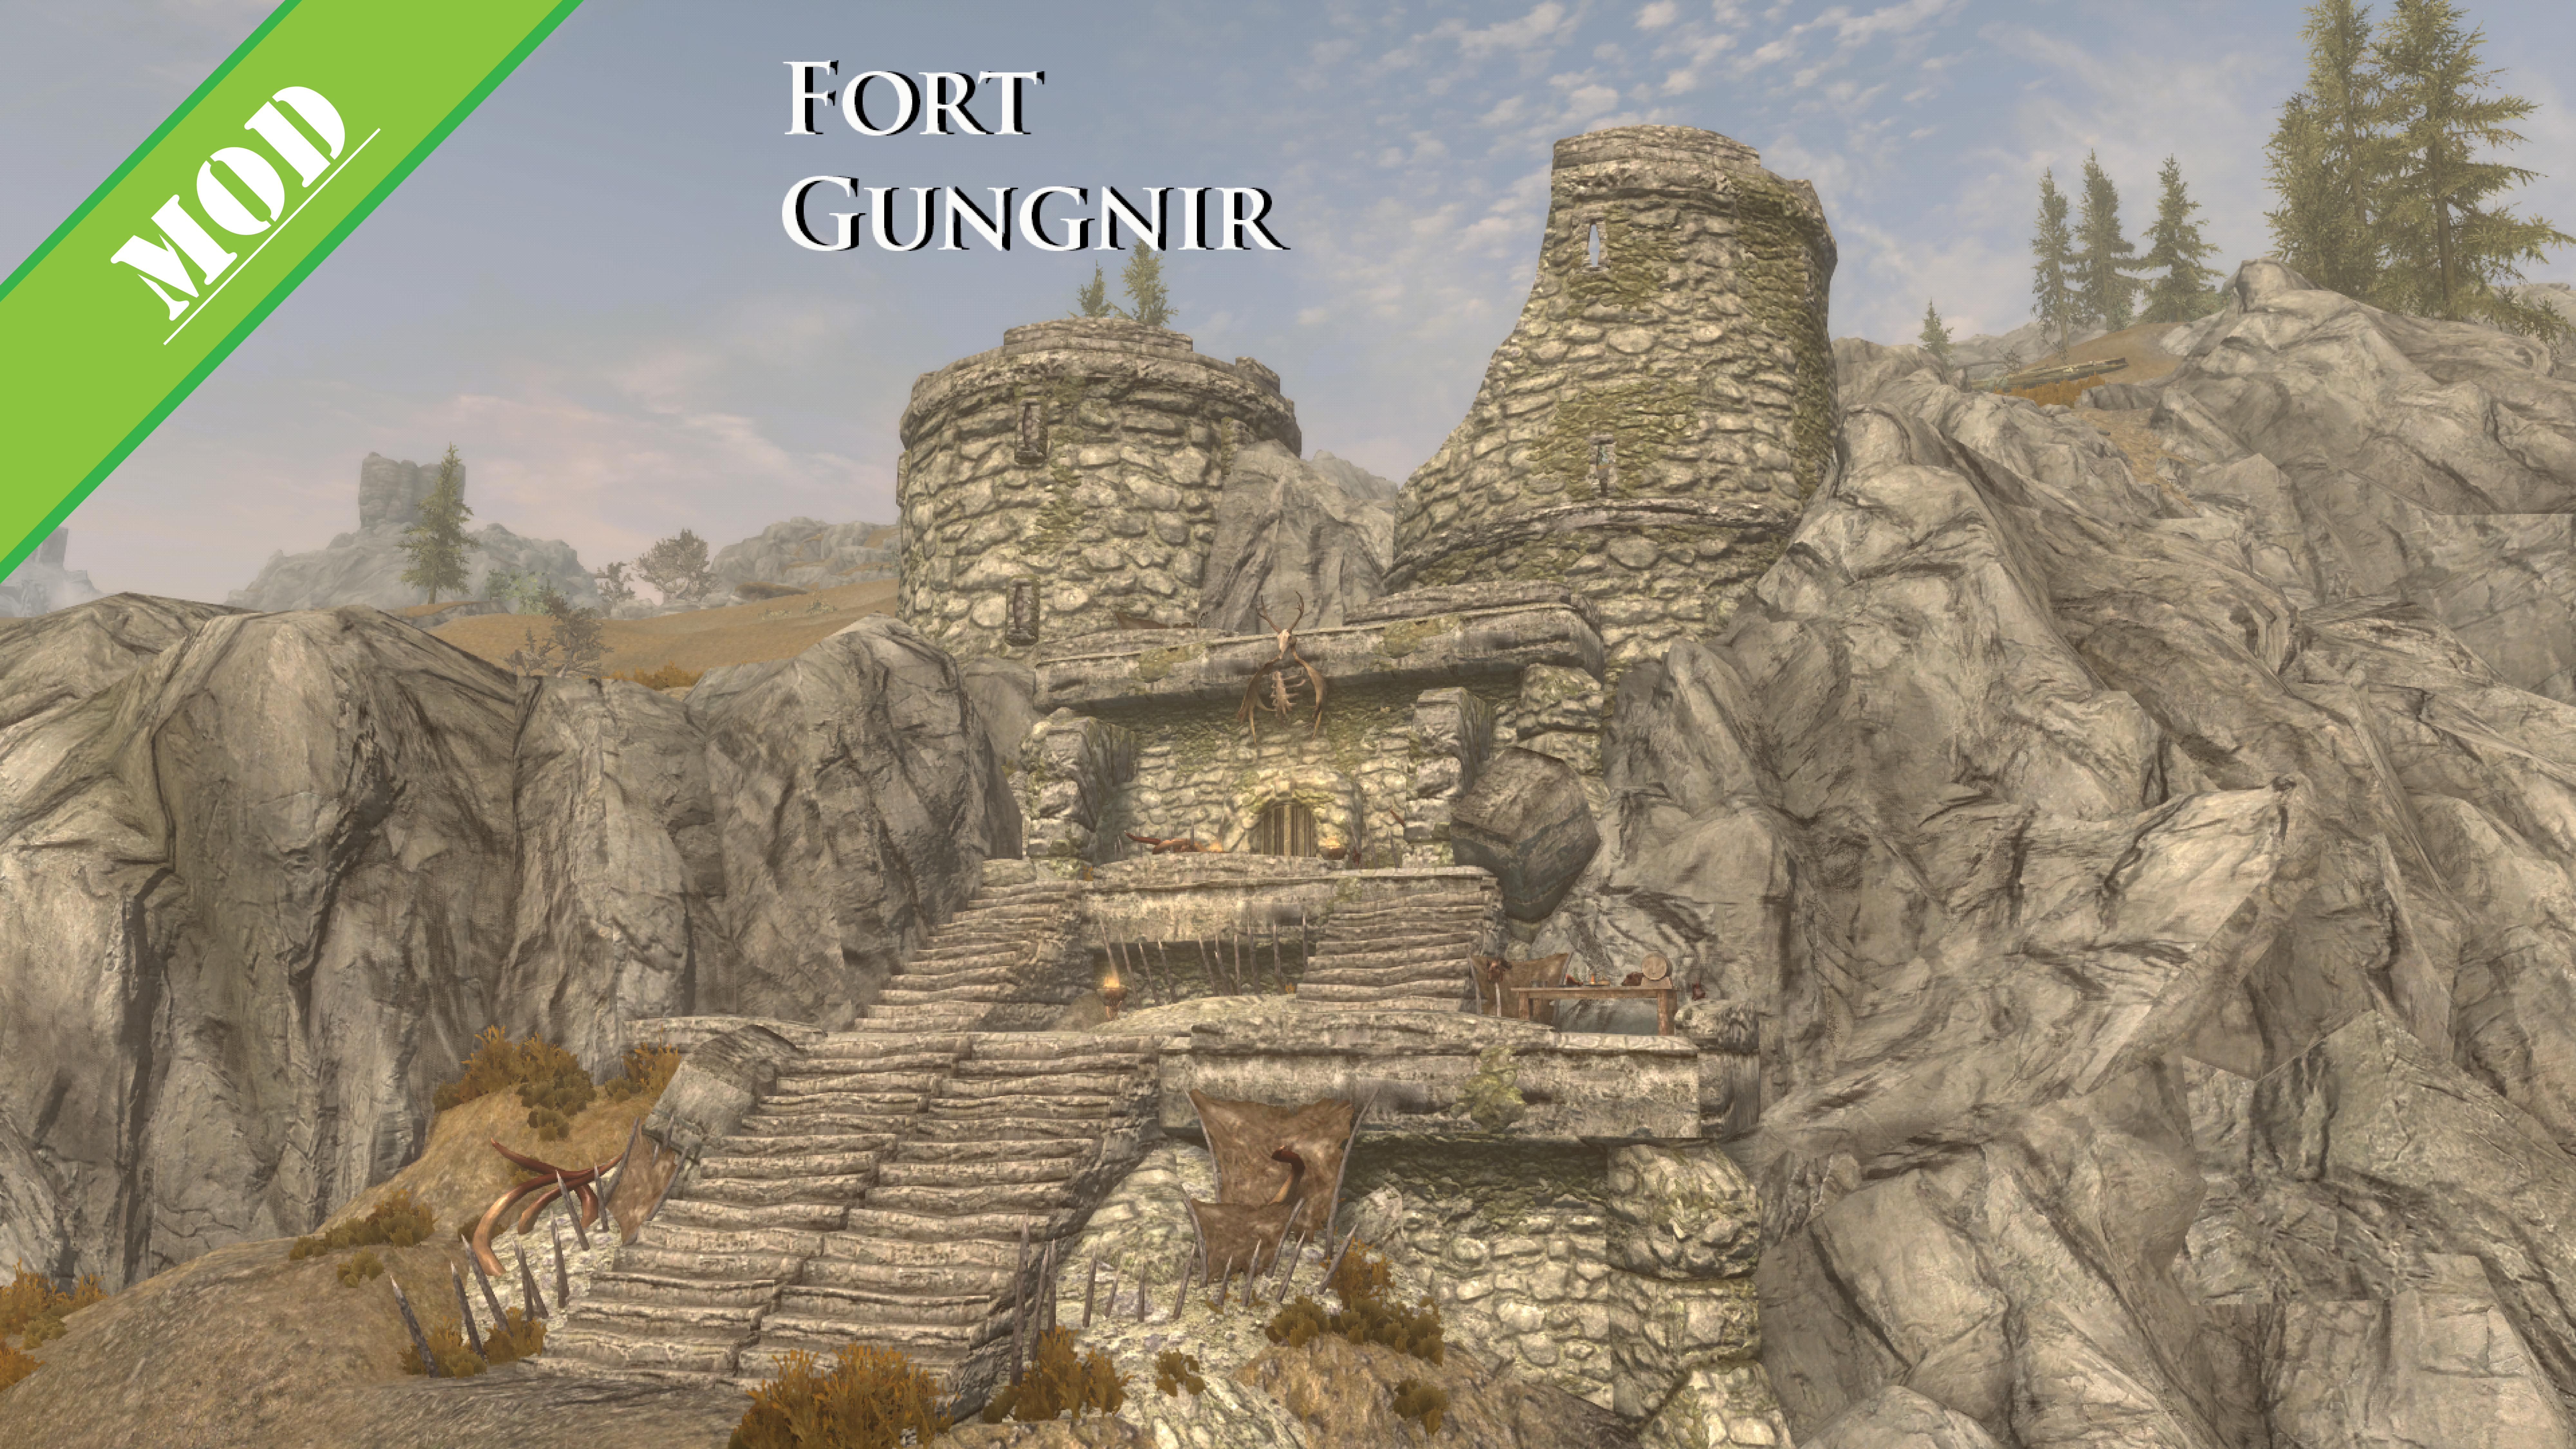 Fort Gungnir - Skyrim Level Mod